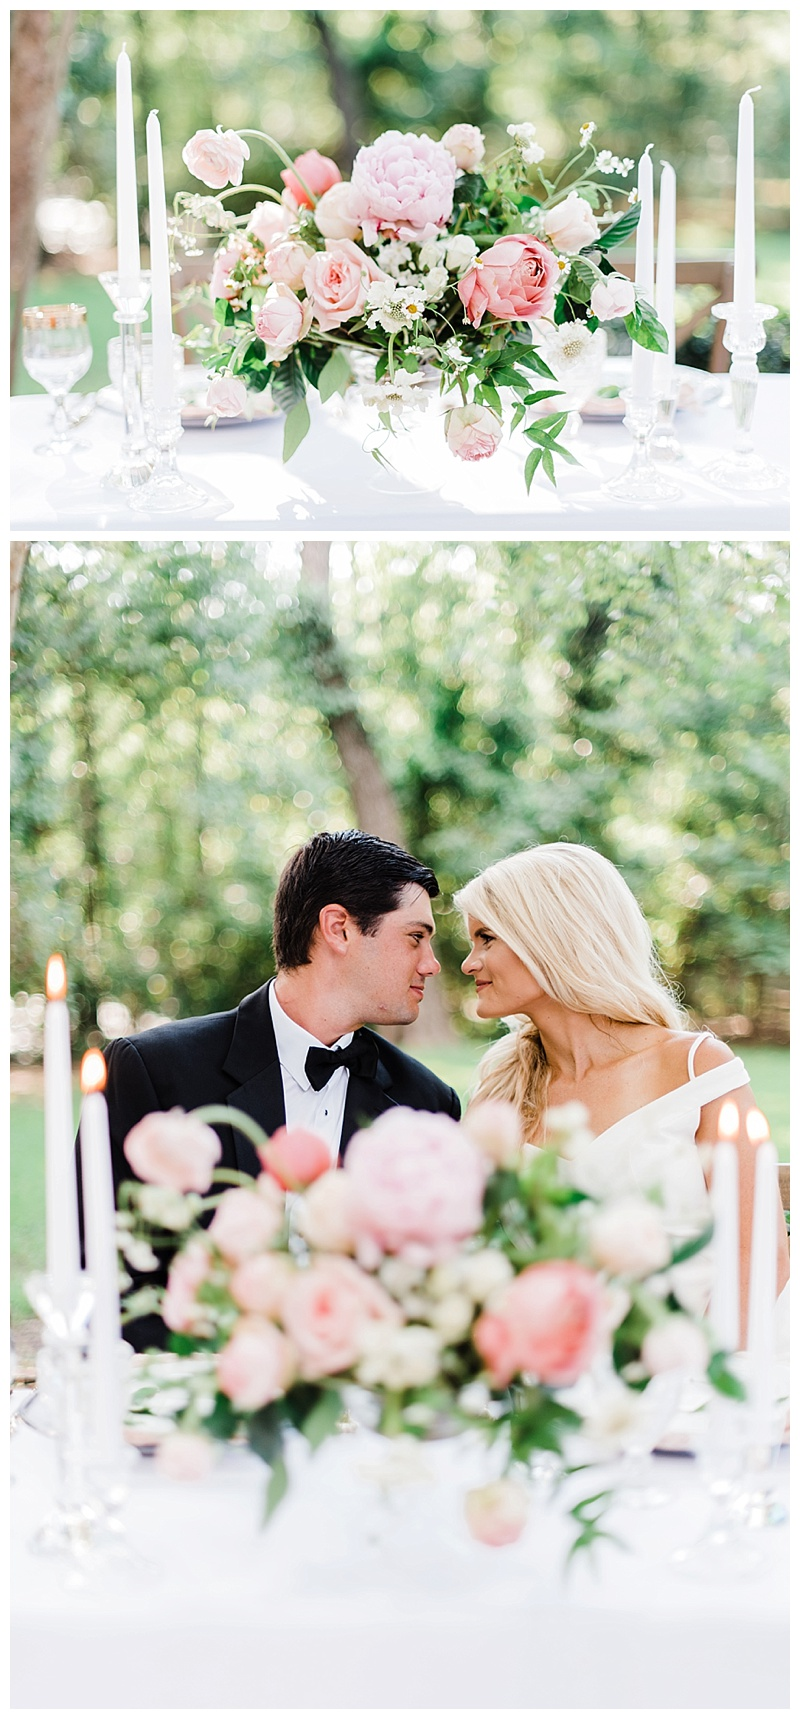 14whitneykrenek.com Wedding Photographer . Dallas, Tx Shreveport, LA.jpg